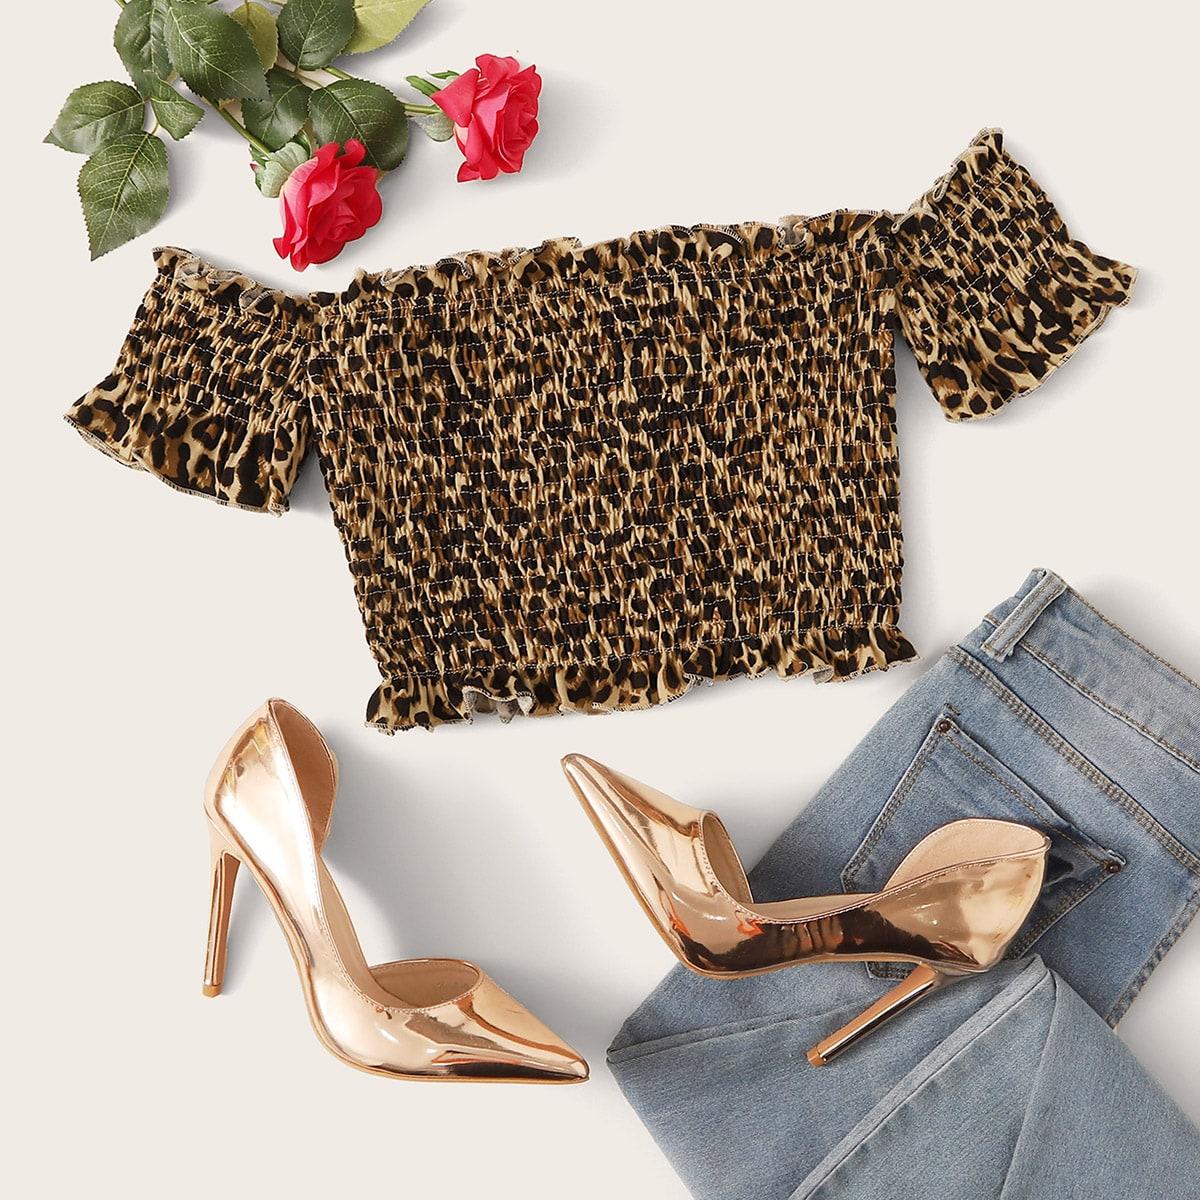 Топ с открытыми плечами, леопардовым принтом и складкой